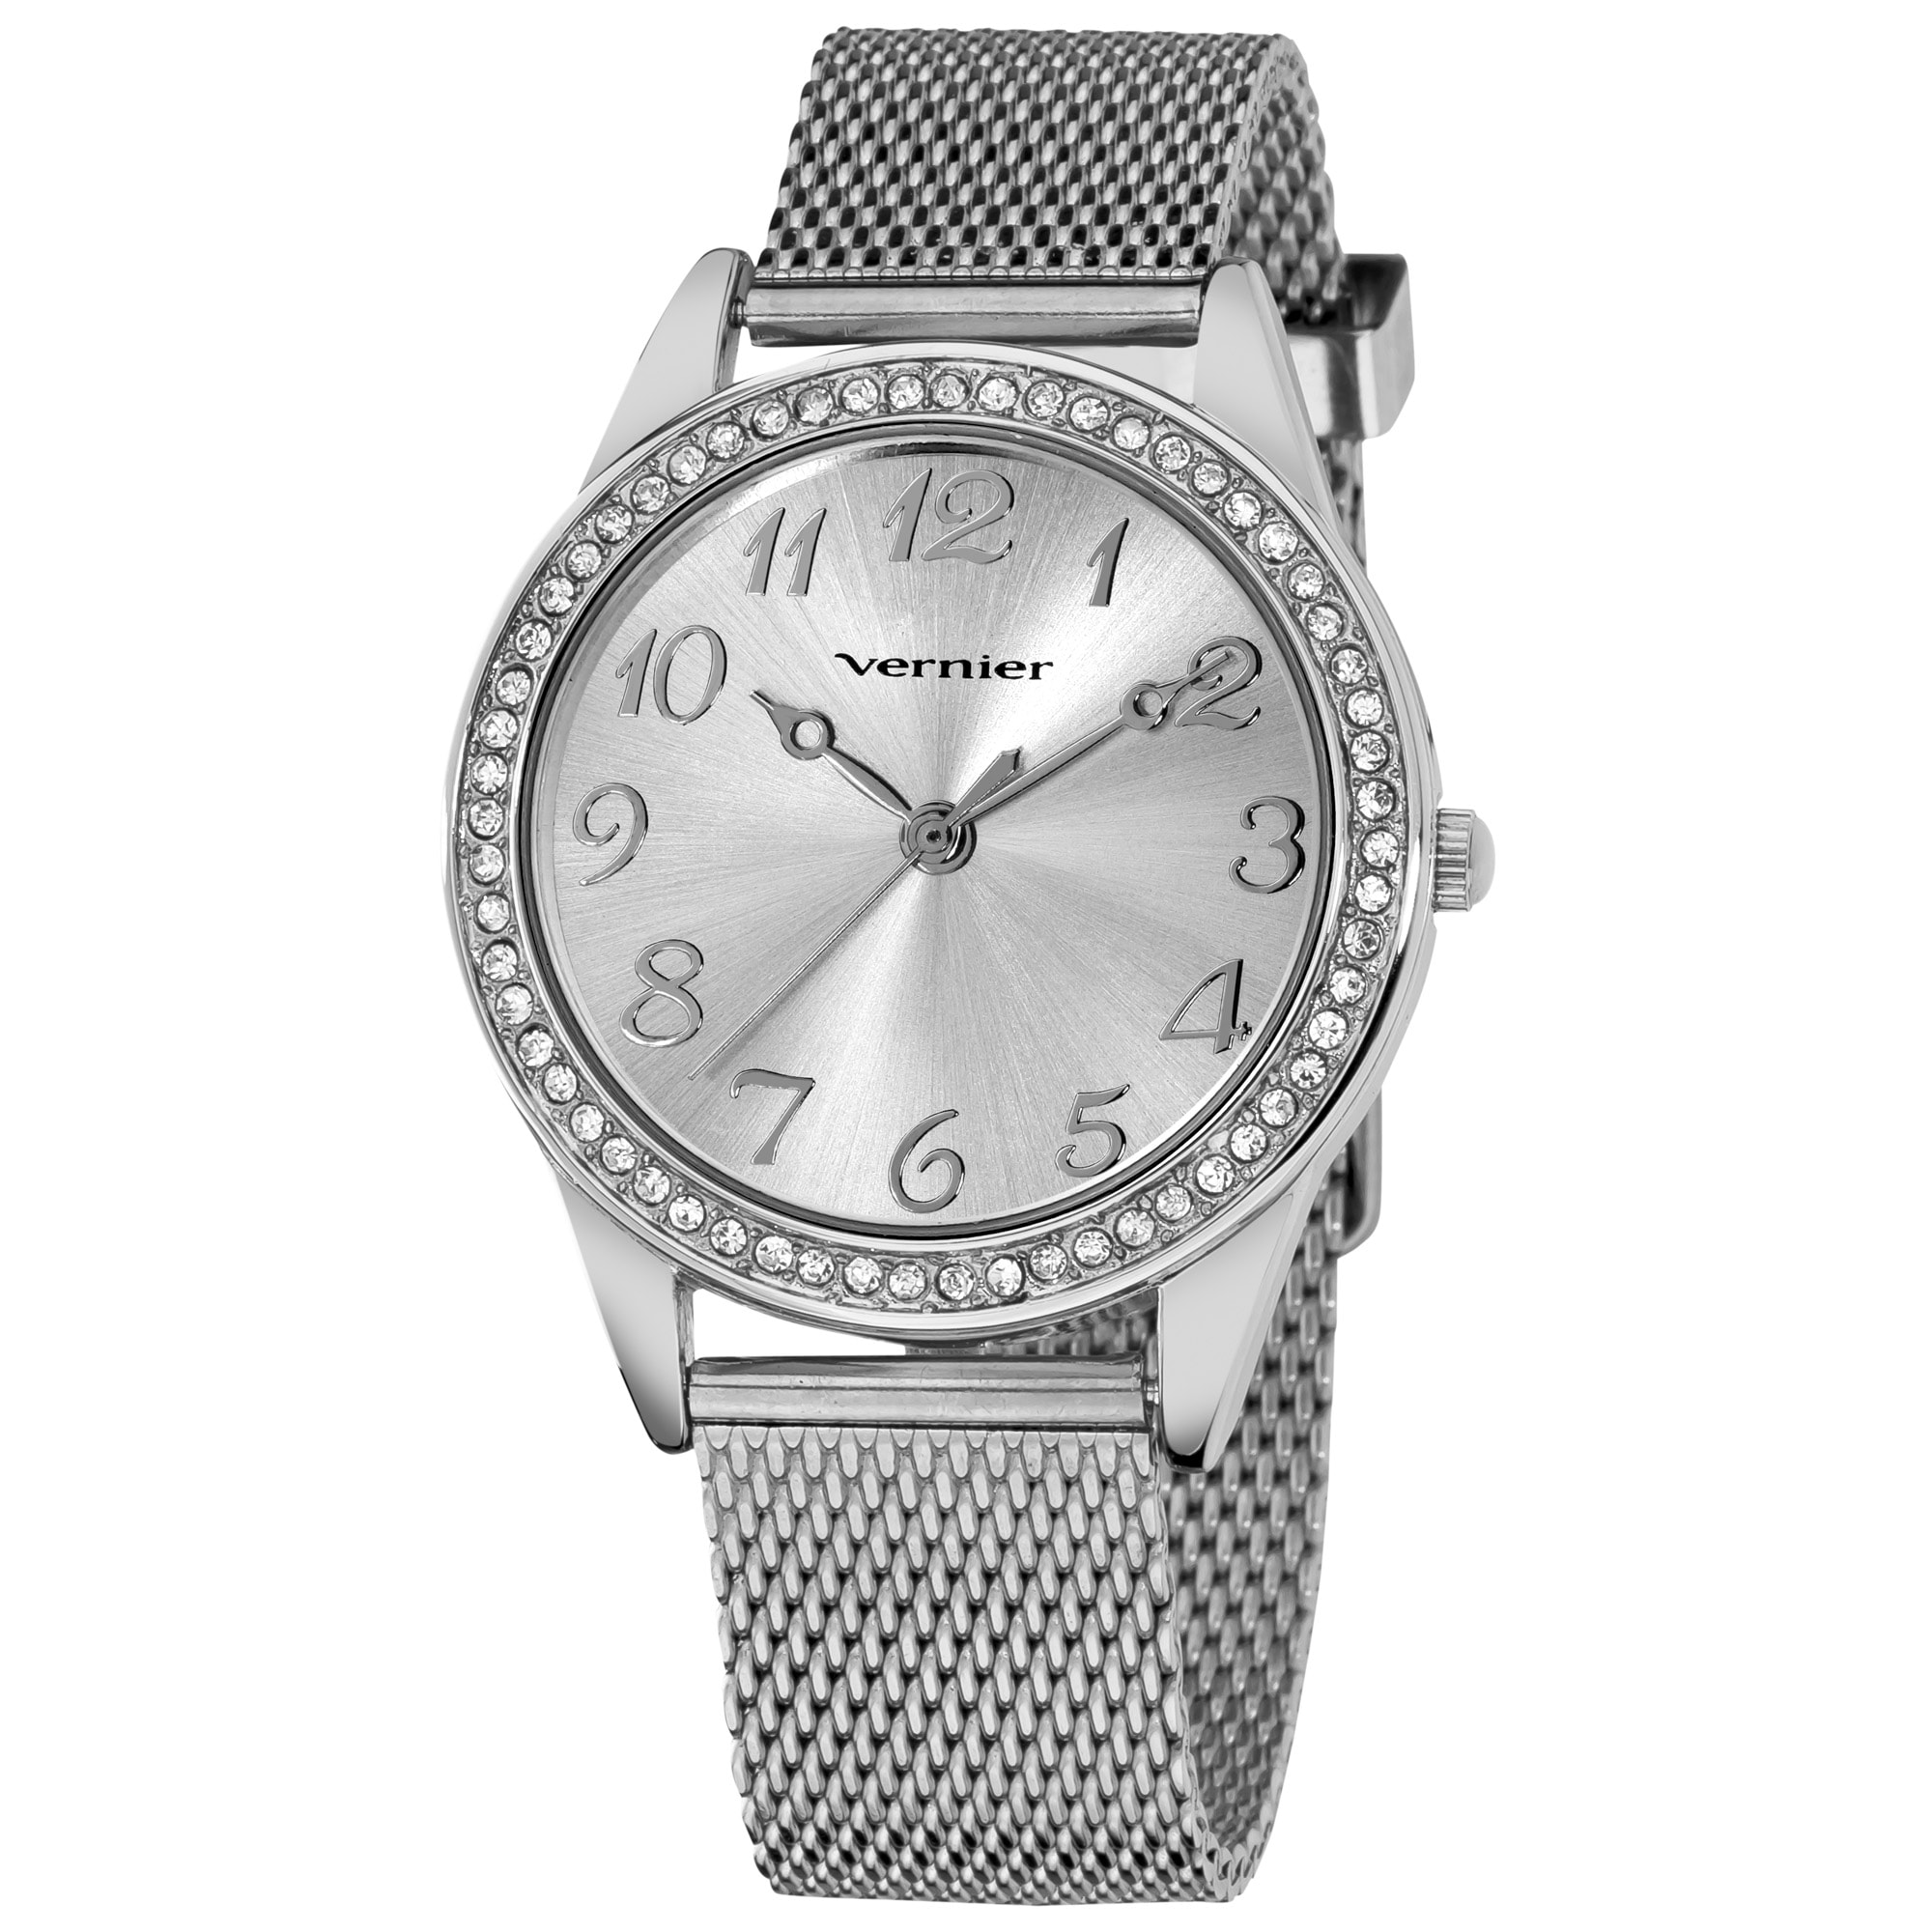 Vernier Women's Silver Tone Crystal Stone Bezel Mesh Strap Watch